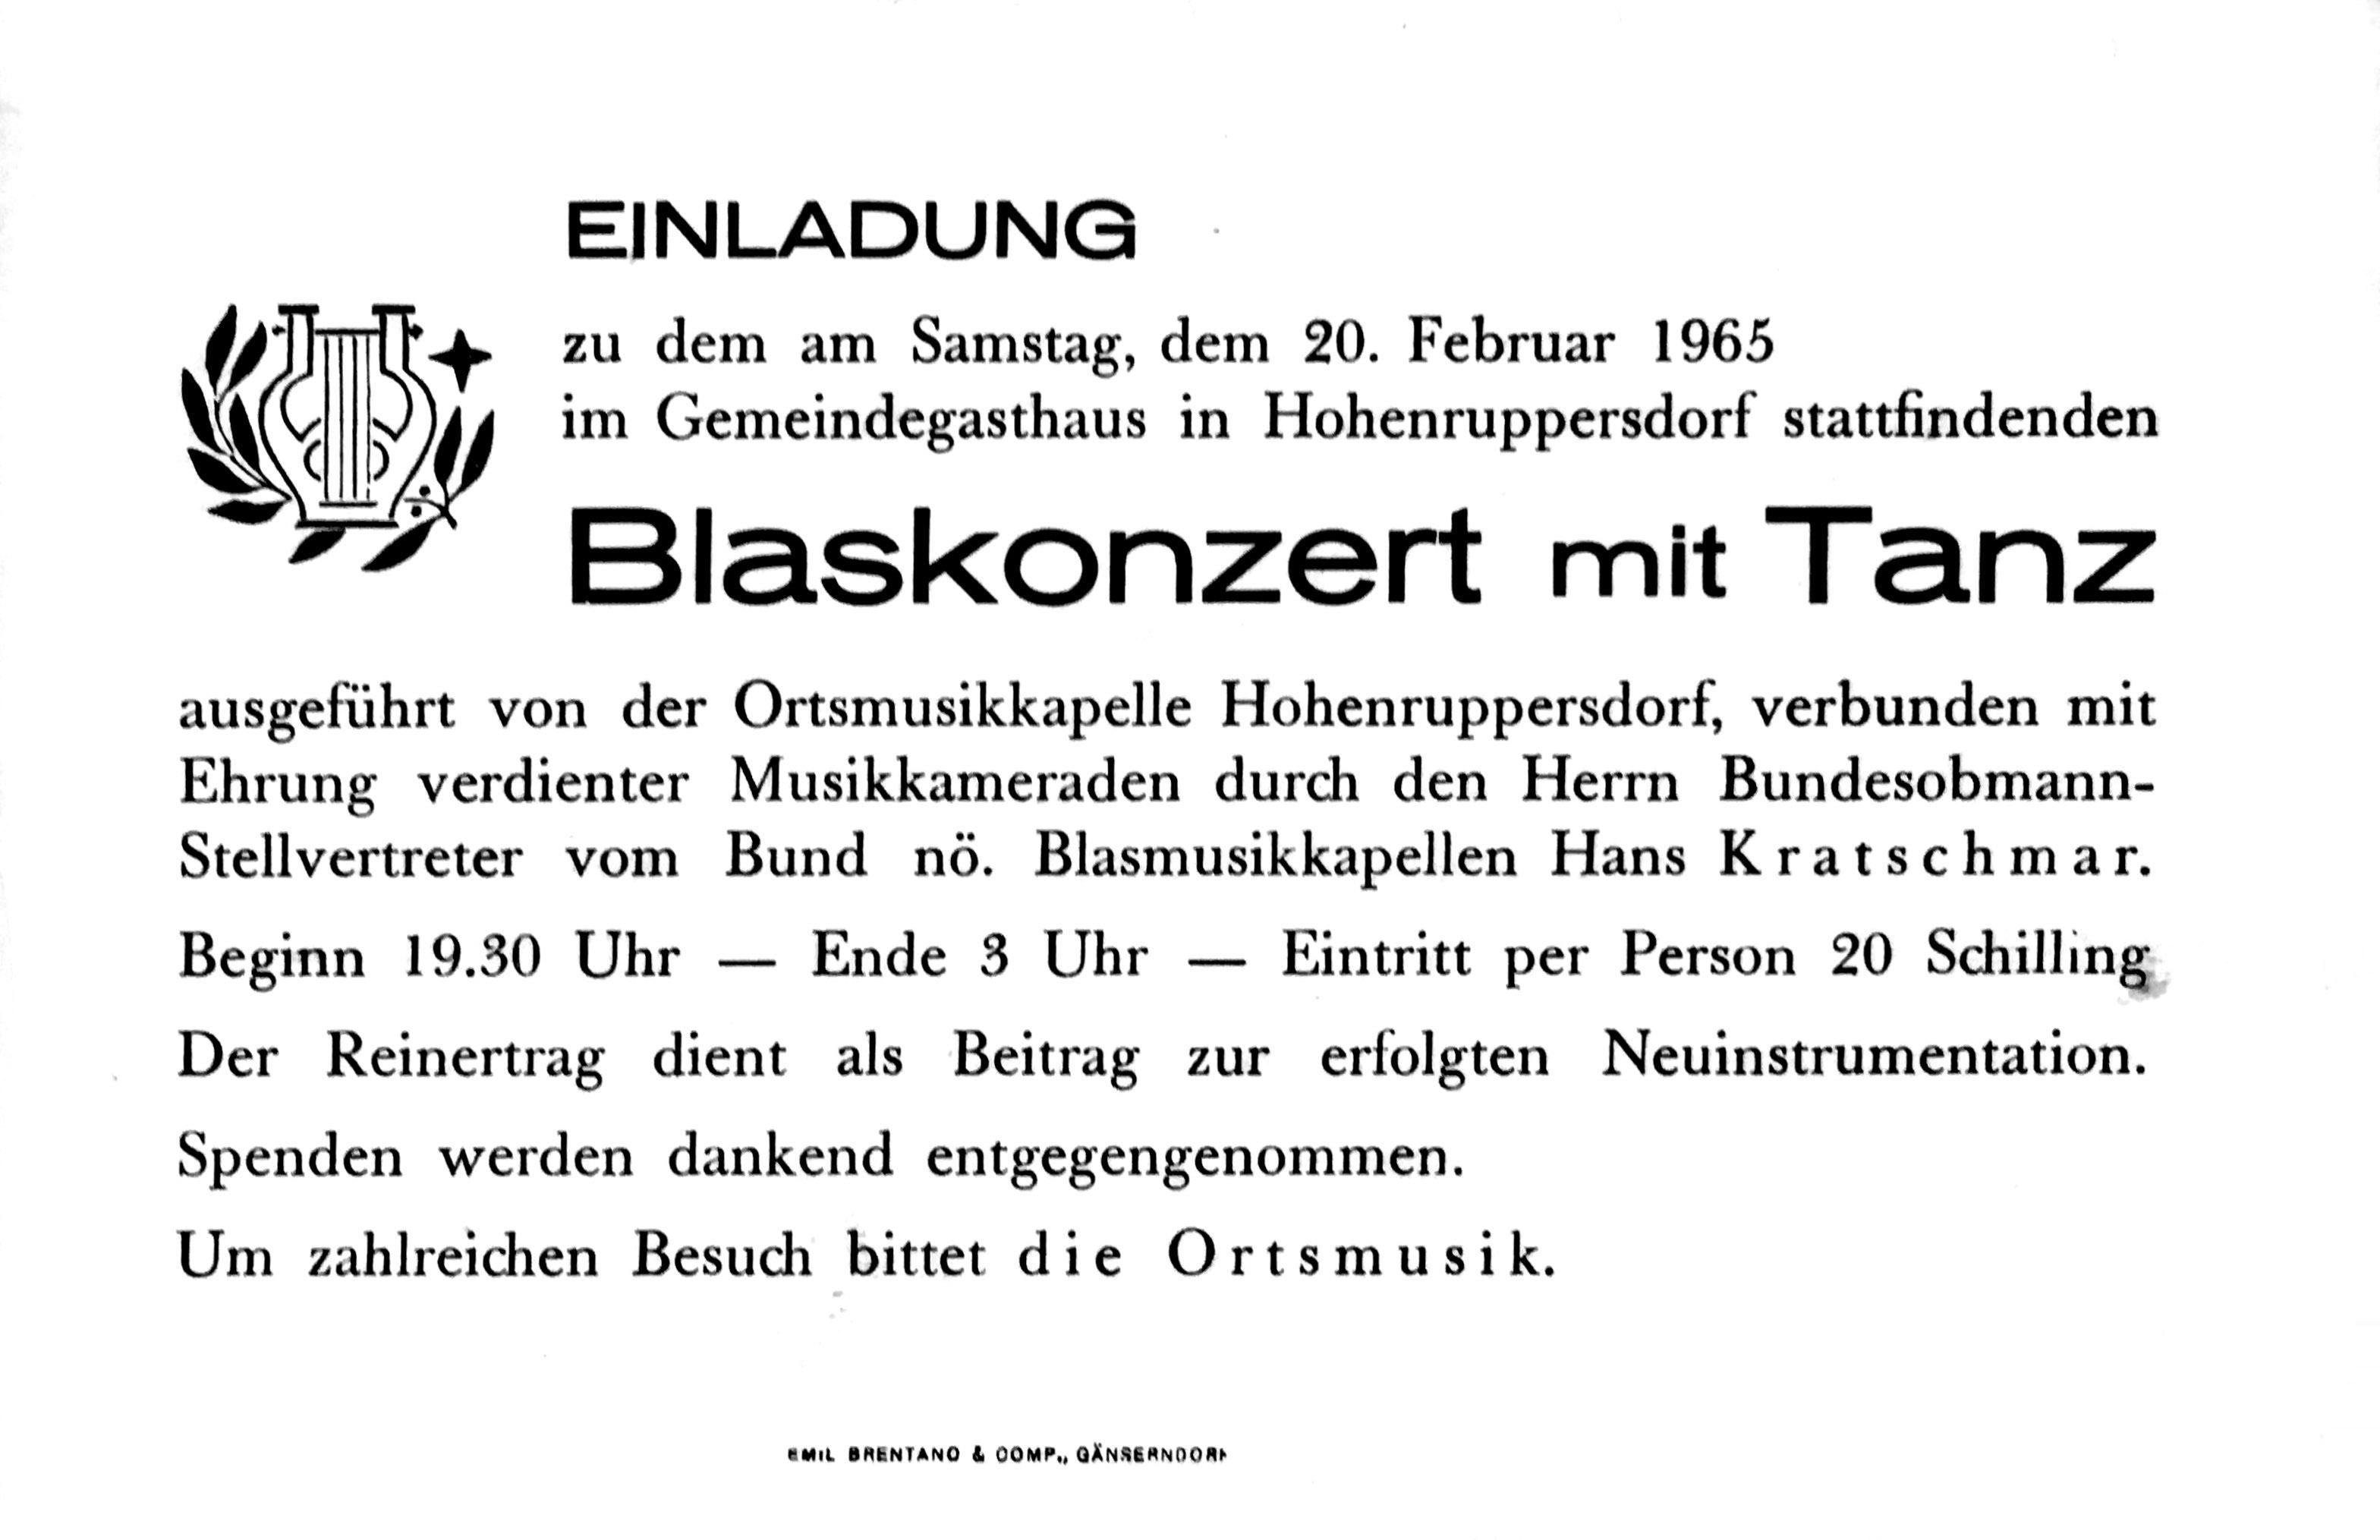 Einladung zum Blaskonzert, 1965